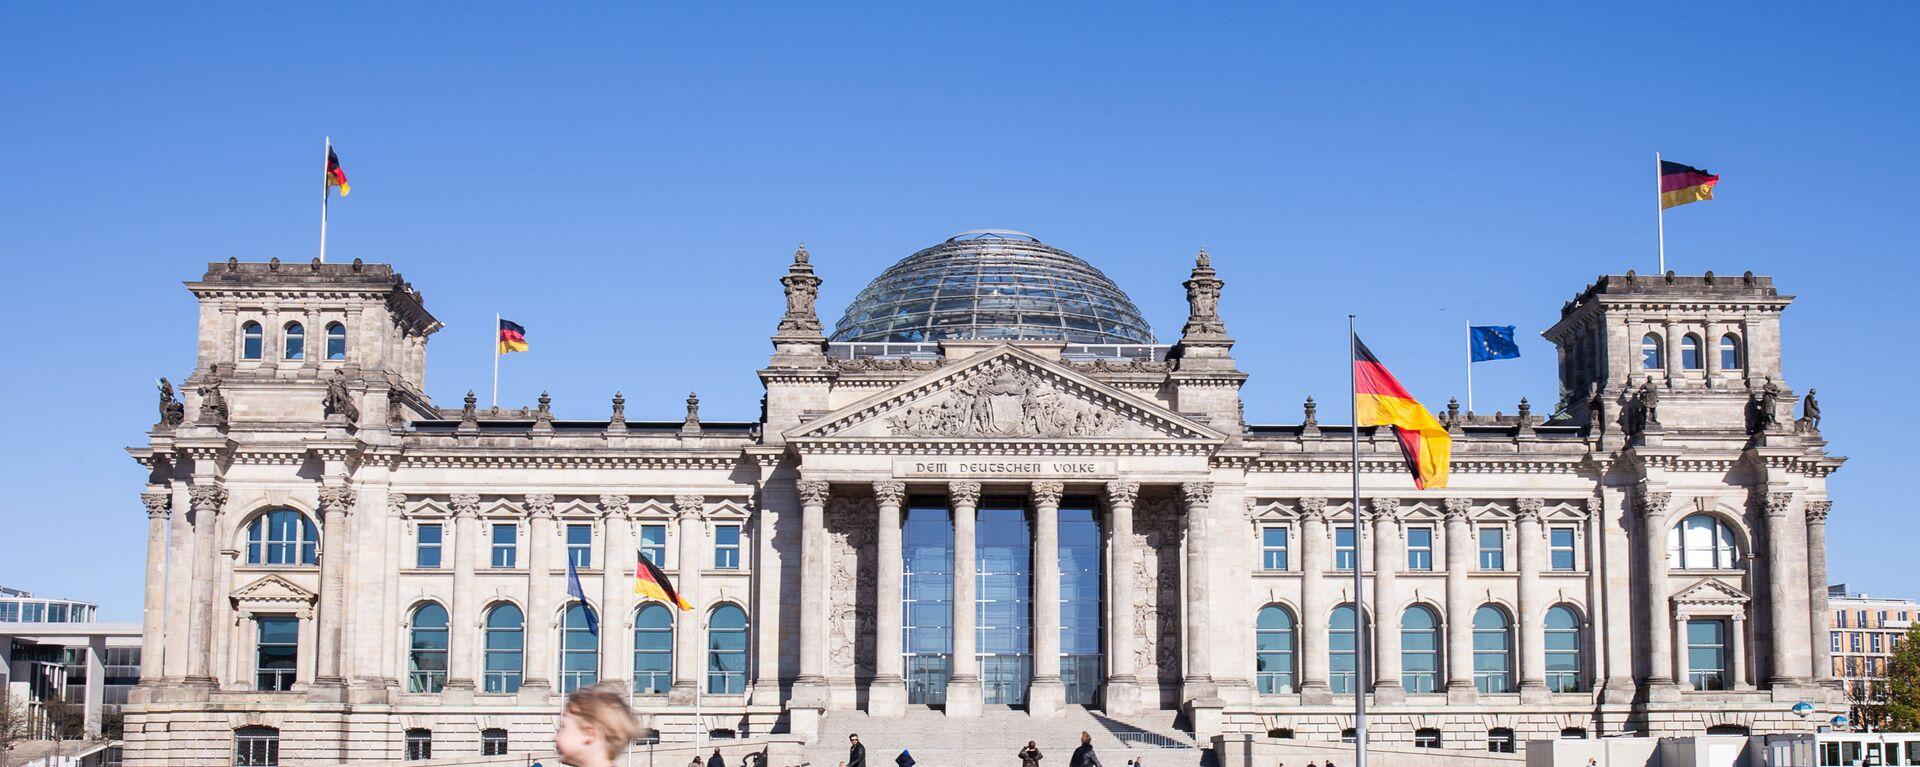 Историческое здание Рейхстага в центре Берлина - Sputnik Таджикистан, 1920, 13.04.2021